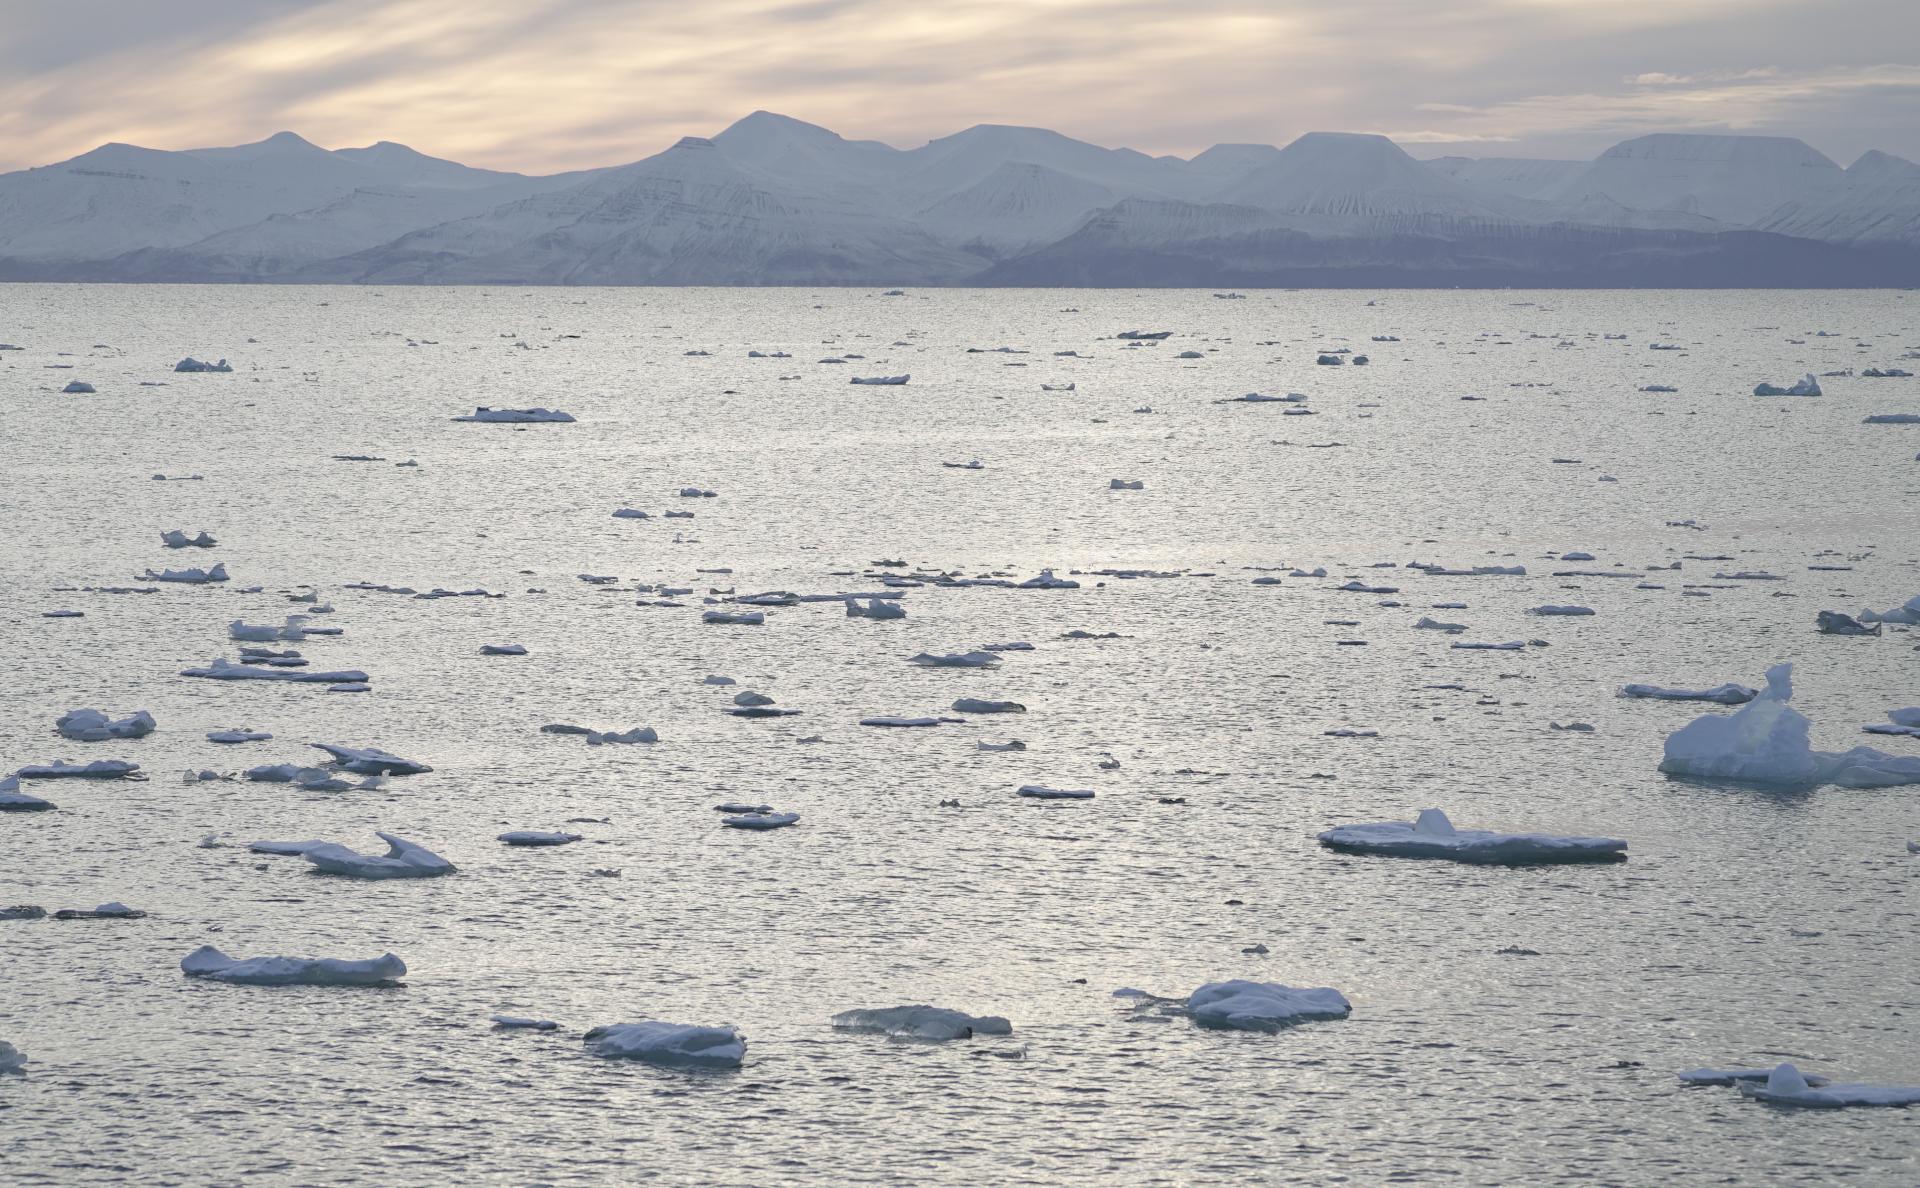 WSJ узнала о планах США обновить спутники для борьбы с Россией в Арктике